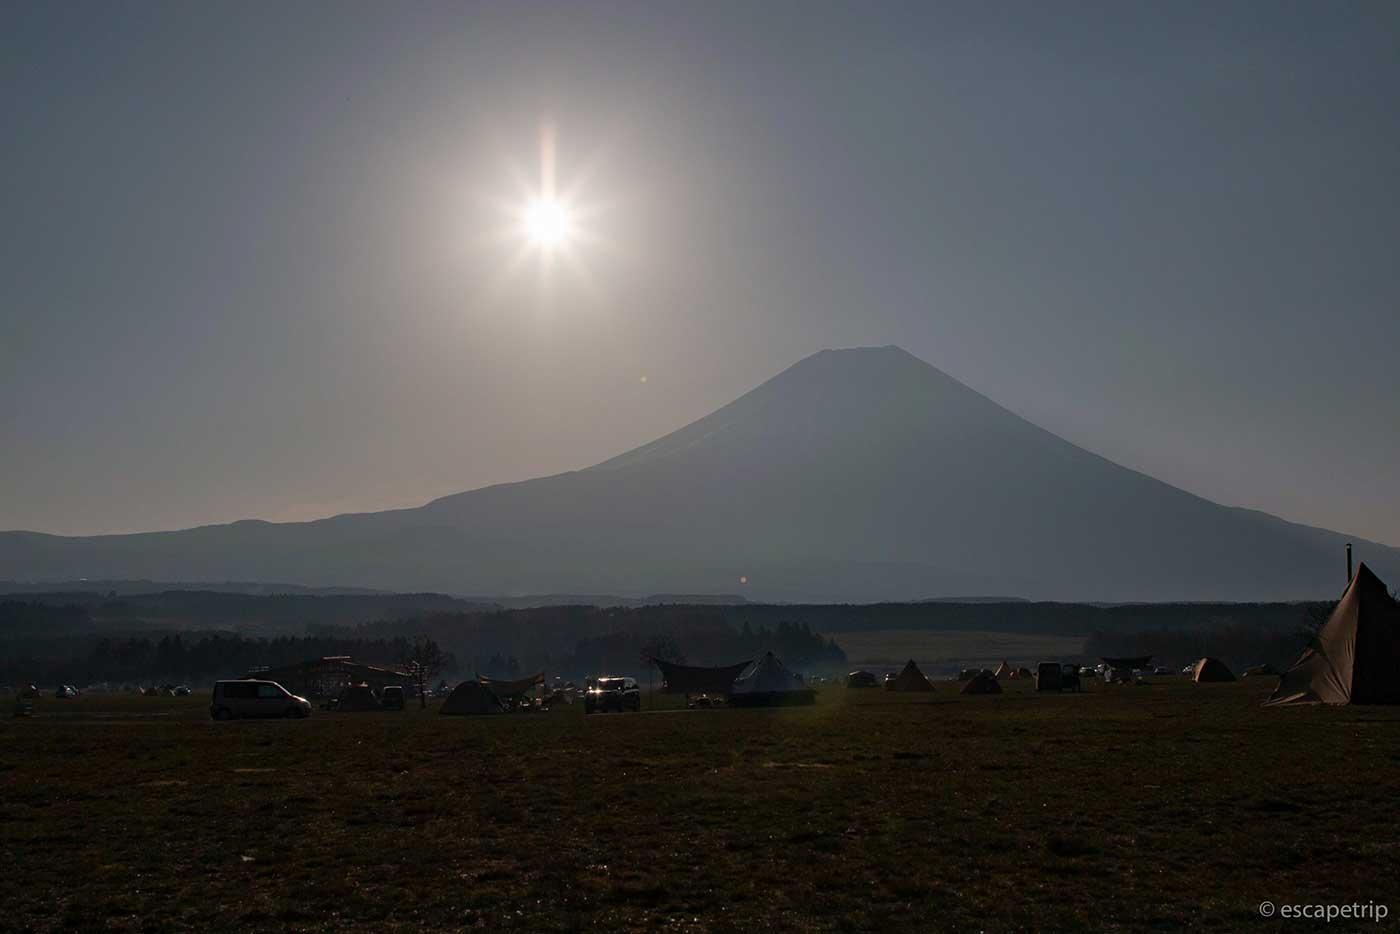 ふもとっぱらキャンプ場の富士山と太陽